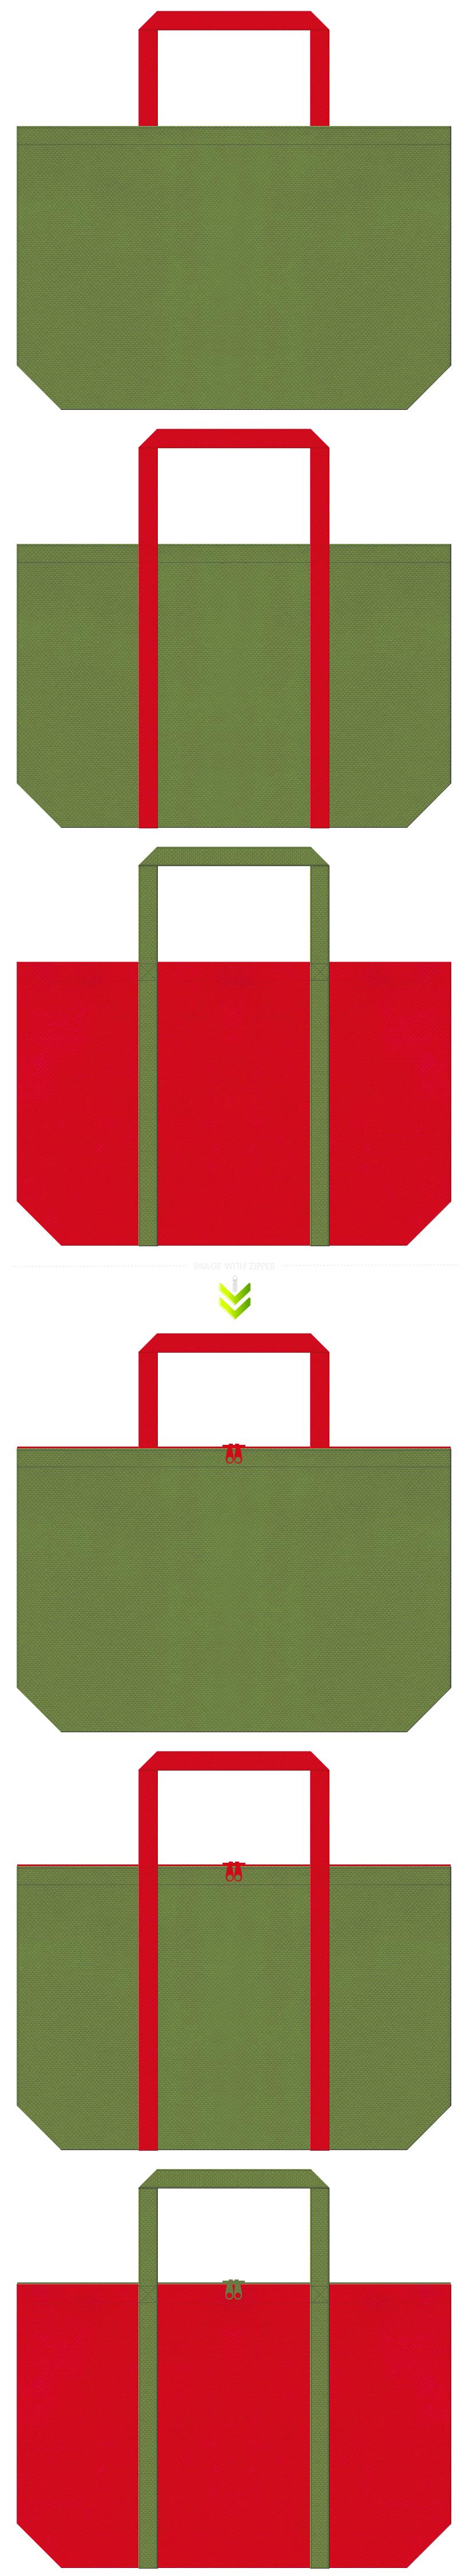 五月人形・鎧・兜・野点傘・番傘・茶会・琴・お城イベント・桜桃・和風催事・和風エコバッグにお奨めの不織布バッグデザイン:草色と紅色のコーデ